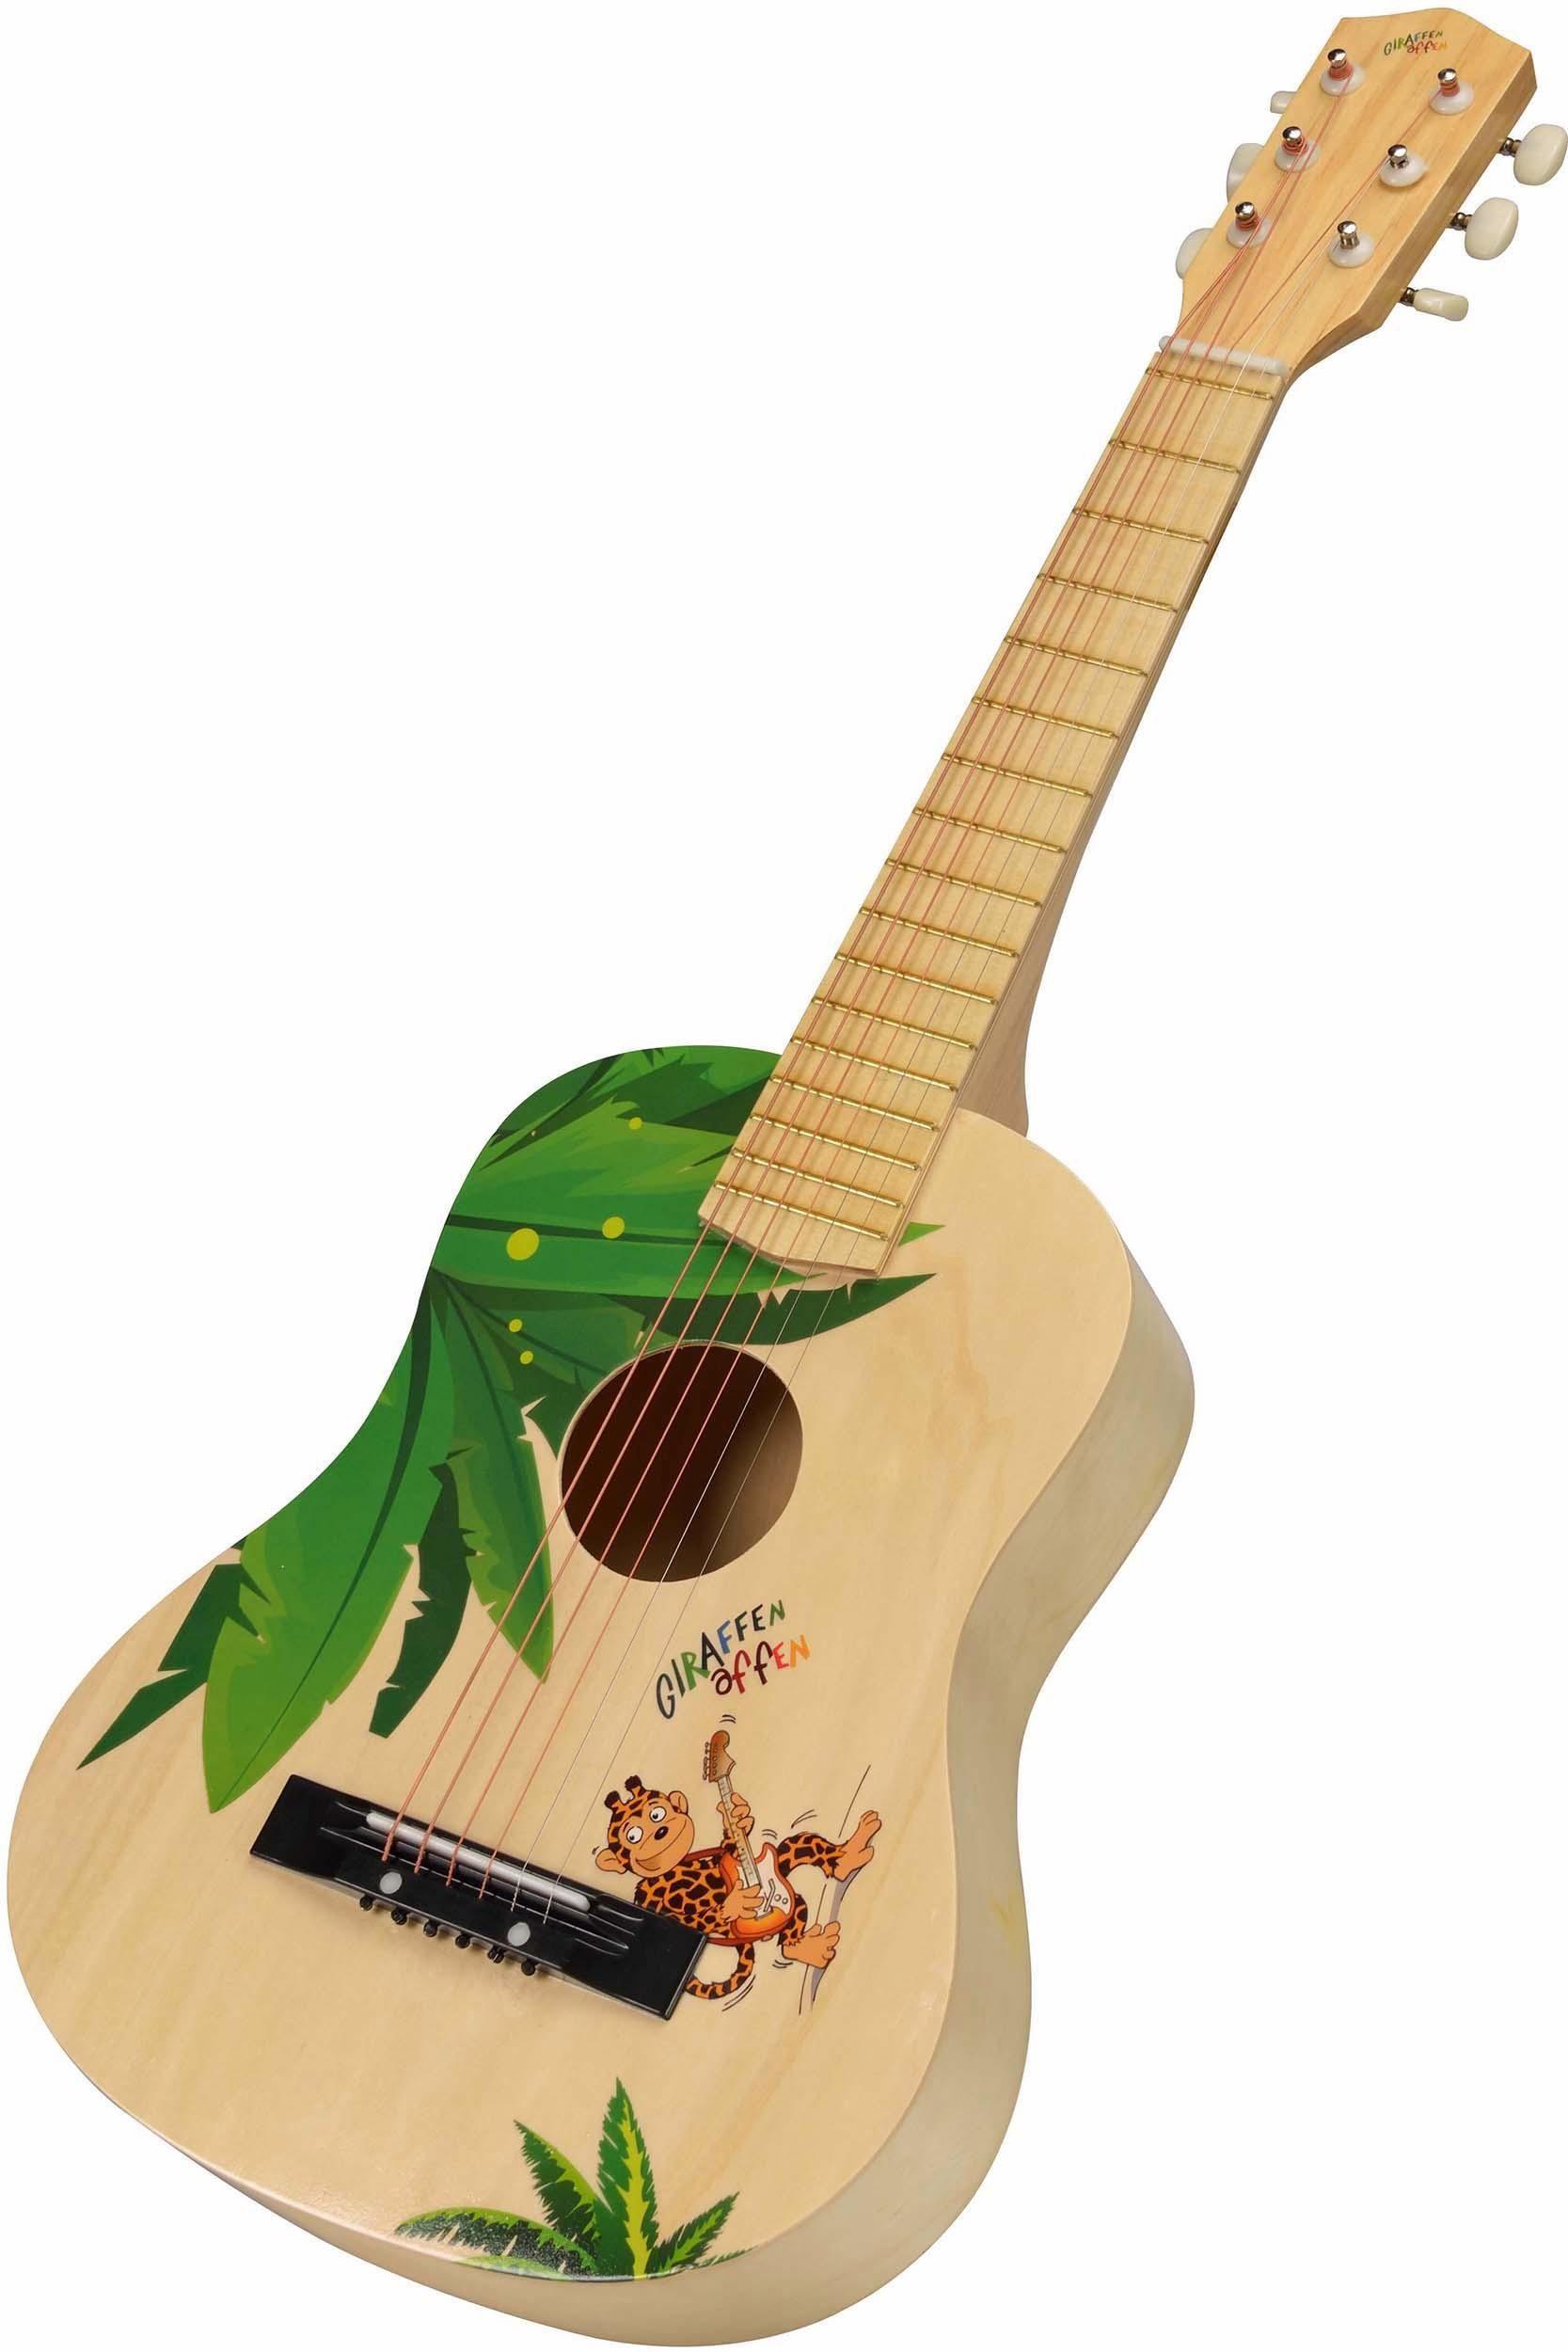 Beluga Kindergitarre, »Giraffenaffen Gitarre groß«